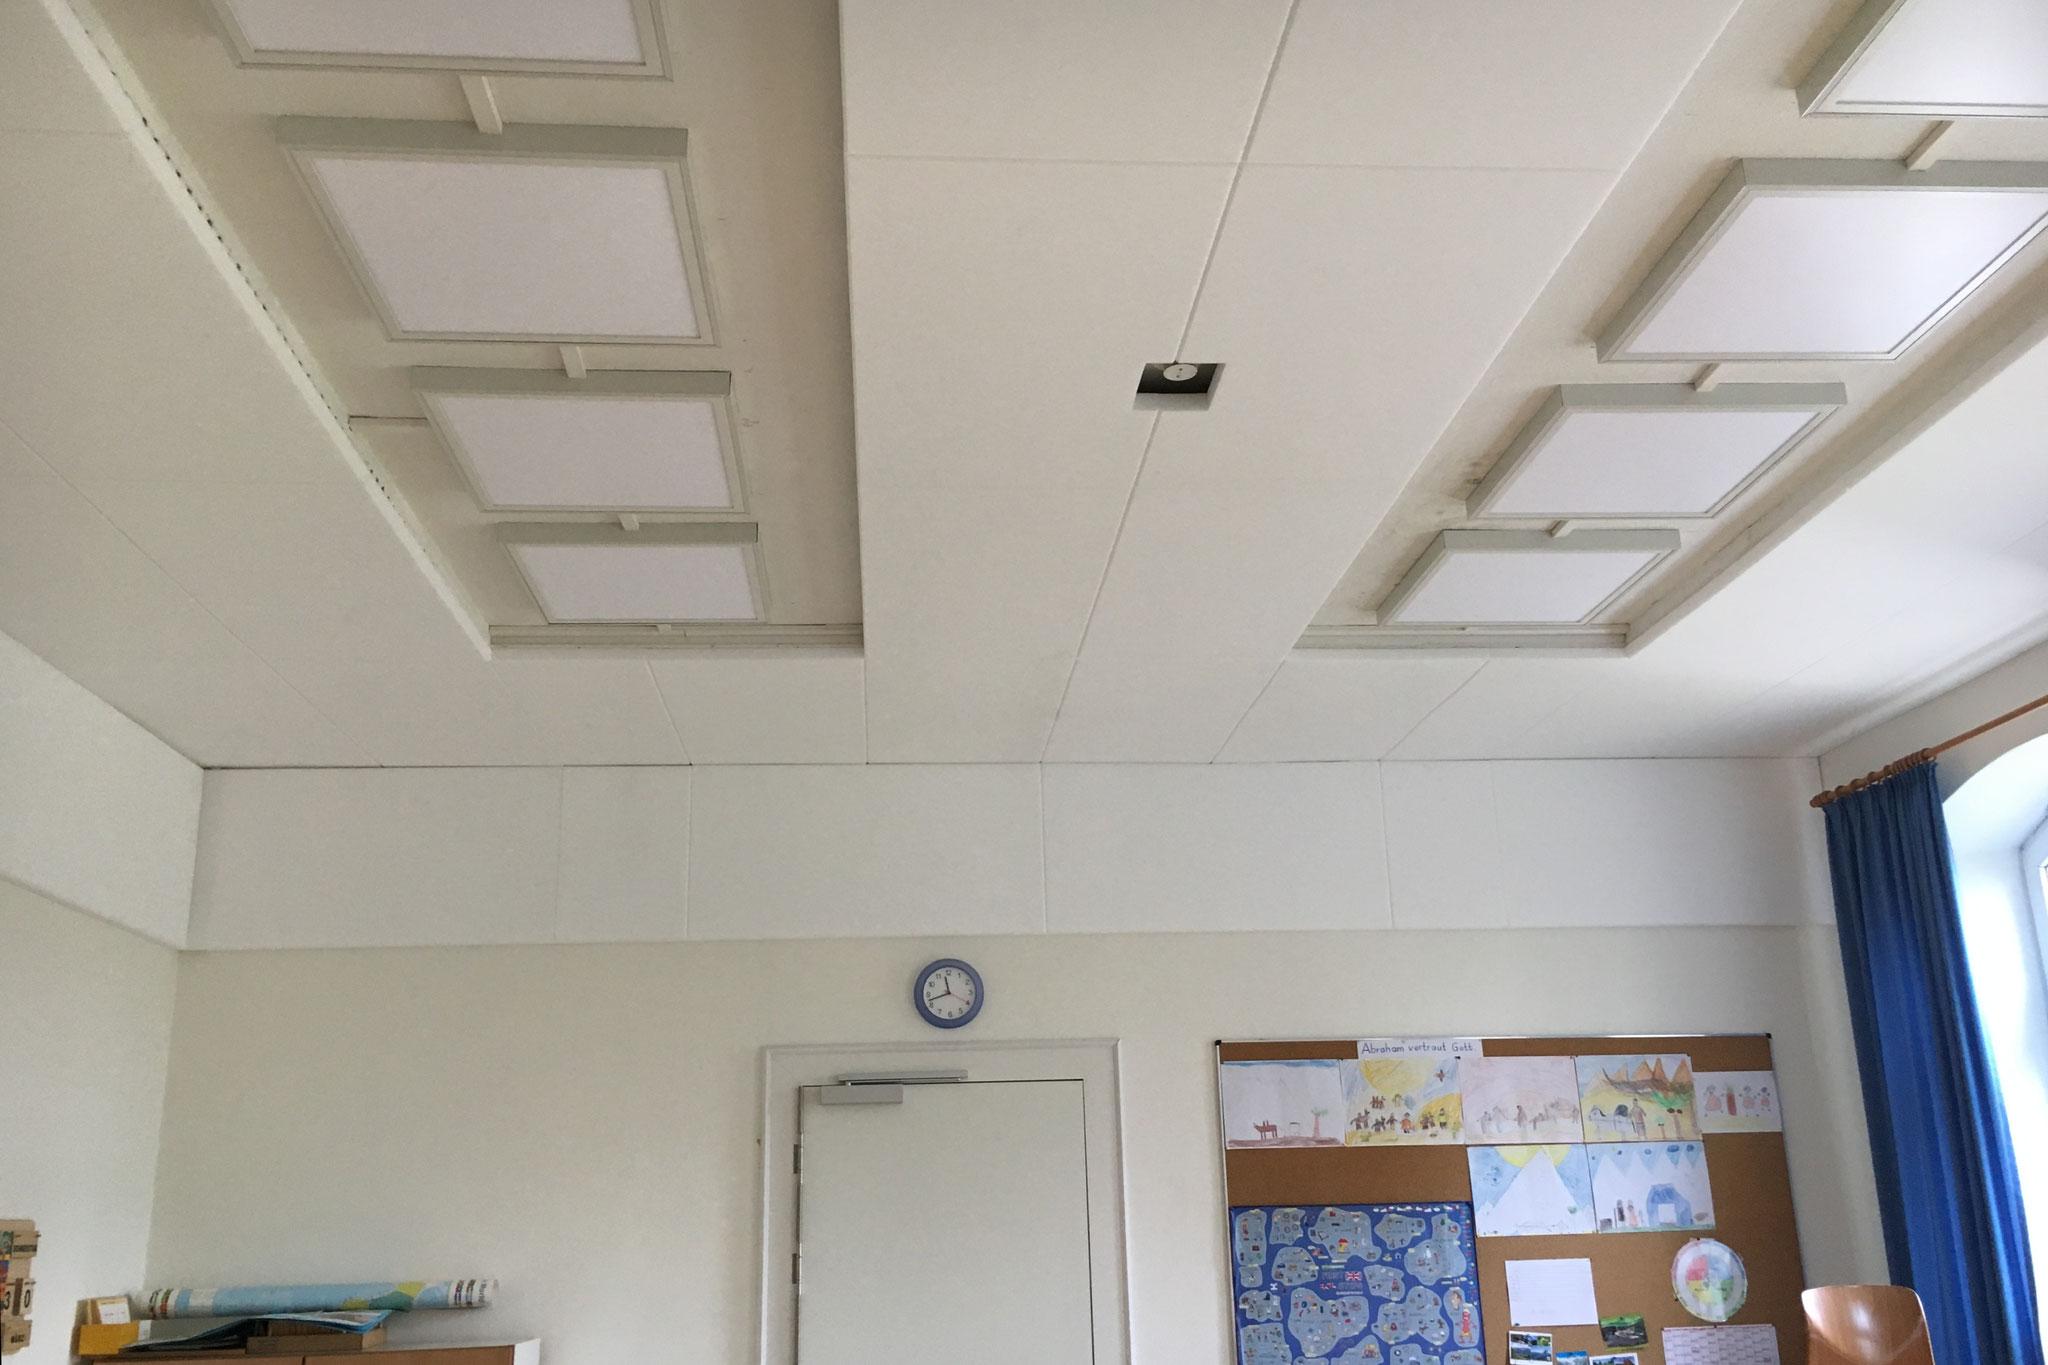 """Klassenraum 17 """"nachher"""" mit zusätzlichen Schallabsorbern"""